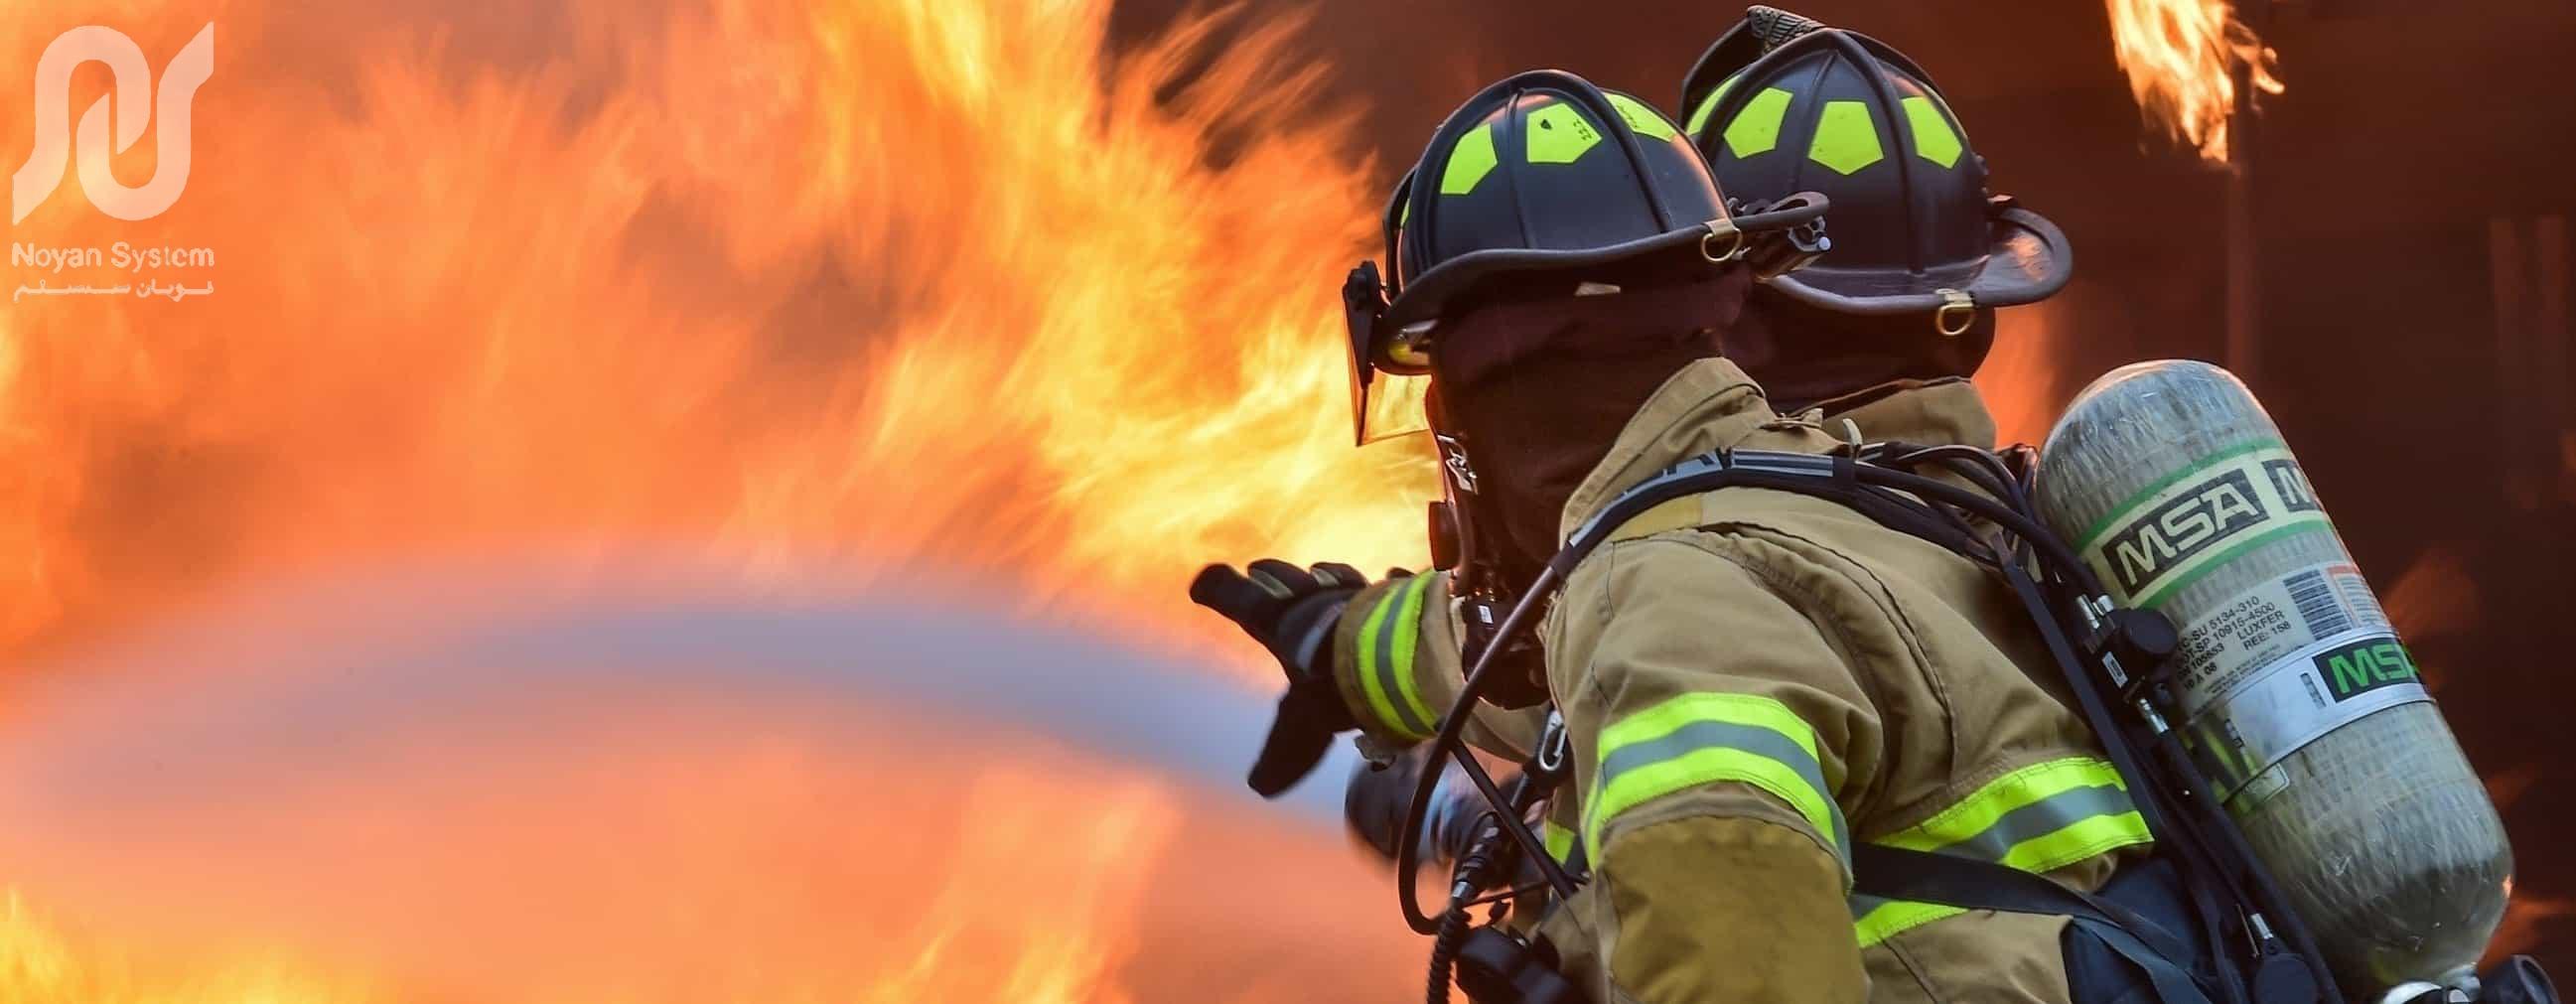 بازدید تجهیزات در بیمه آتش سوزی